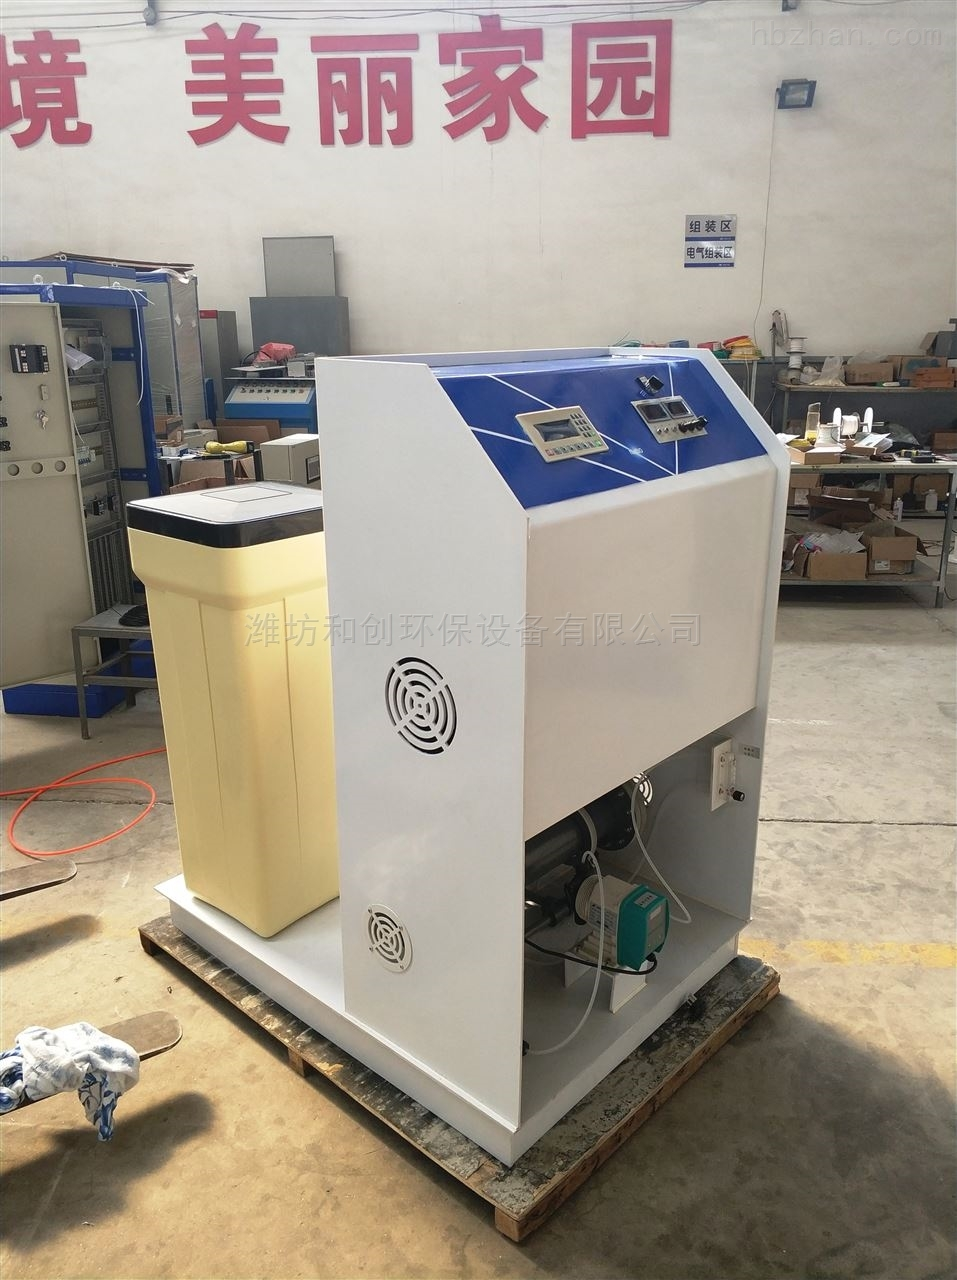 水厂次氯酸钠发生器自来水消毒设备厂家